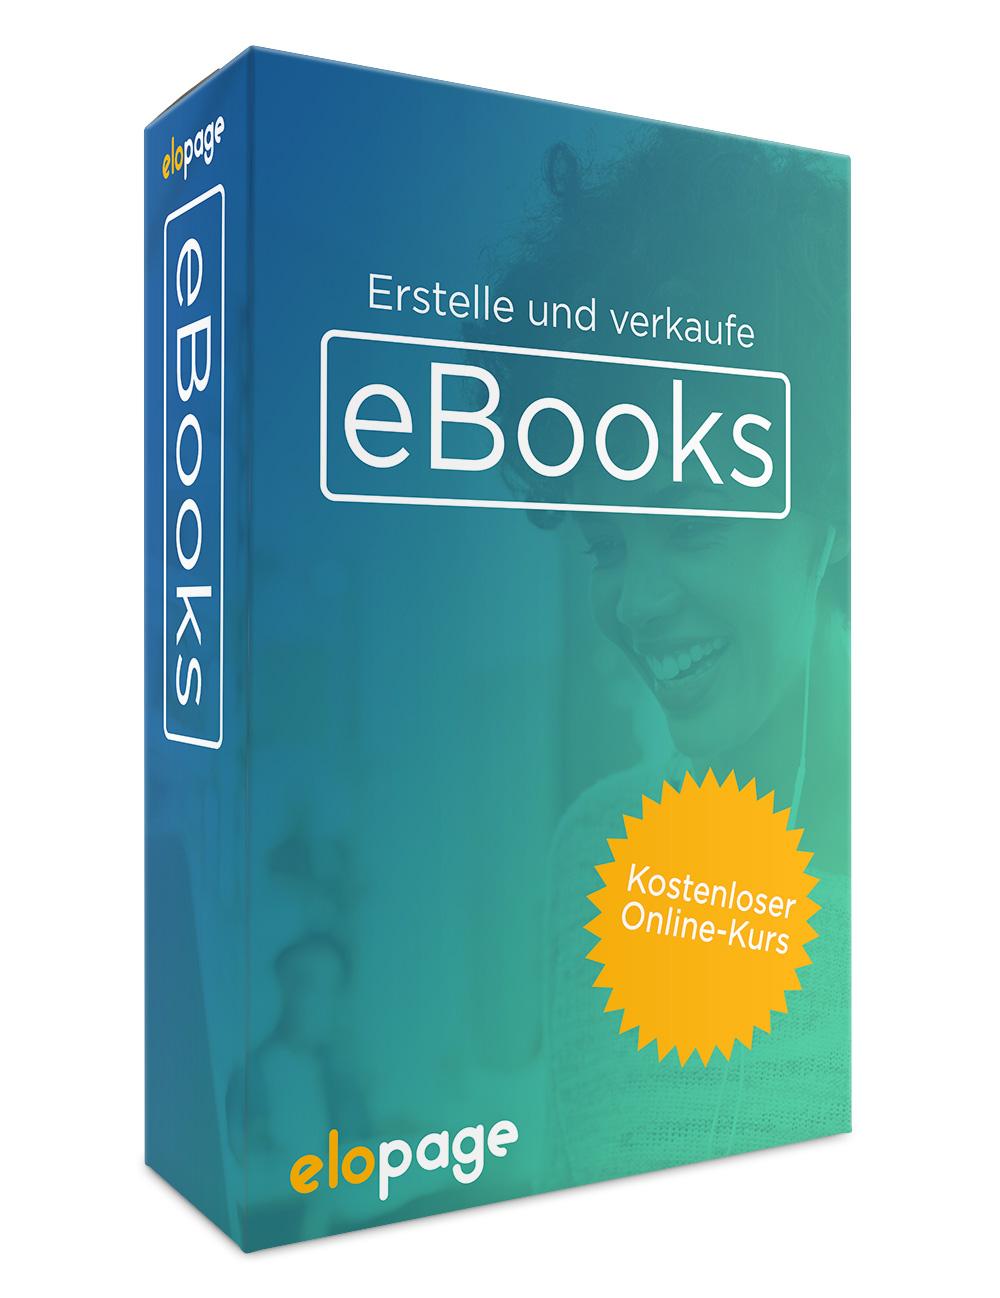 Der Online-Kurs für eBooks